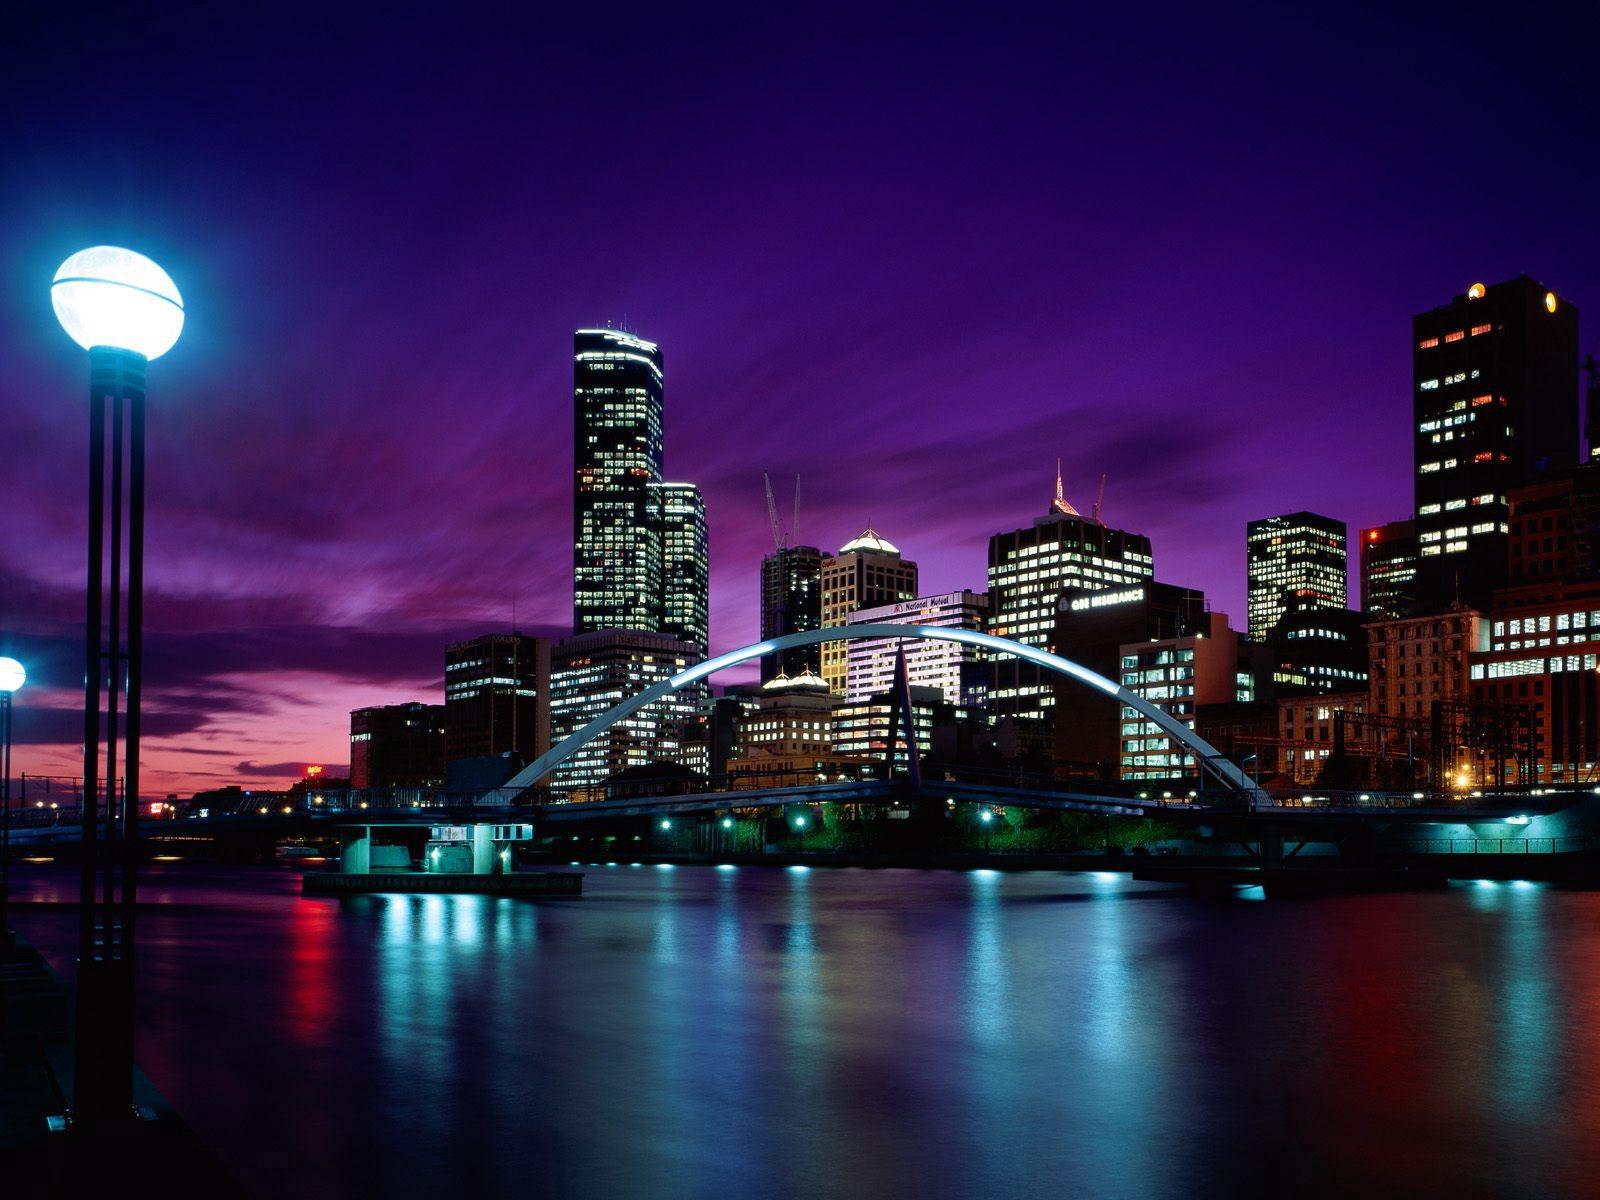 Sunset Over Melbourne Wallpaper Australia World Wallpapers in jpg